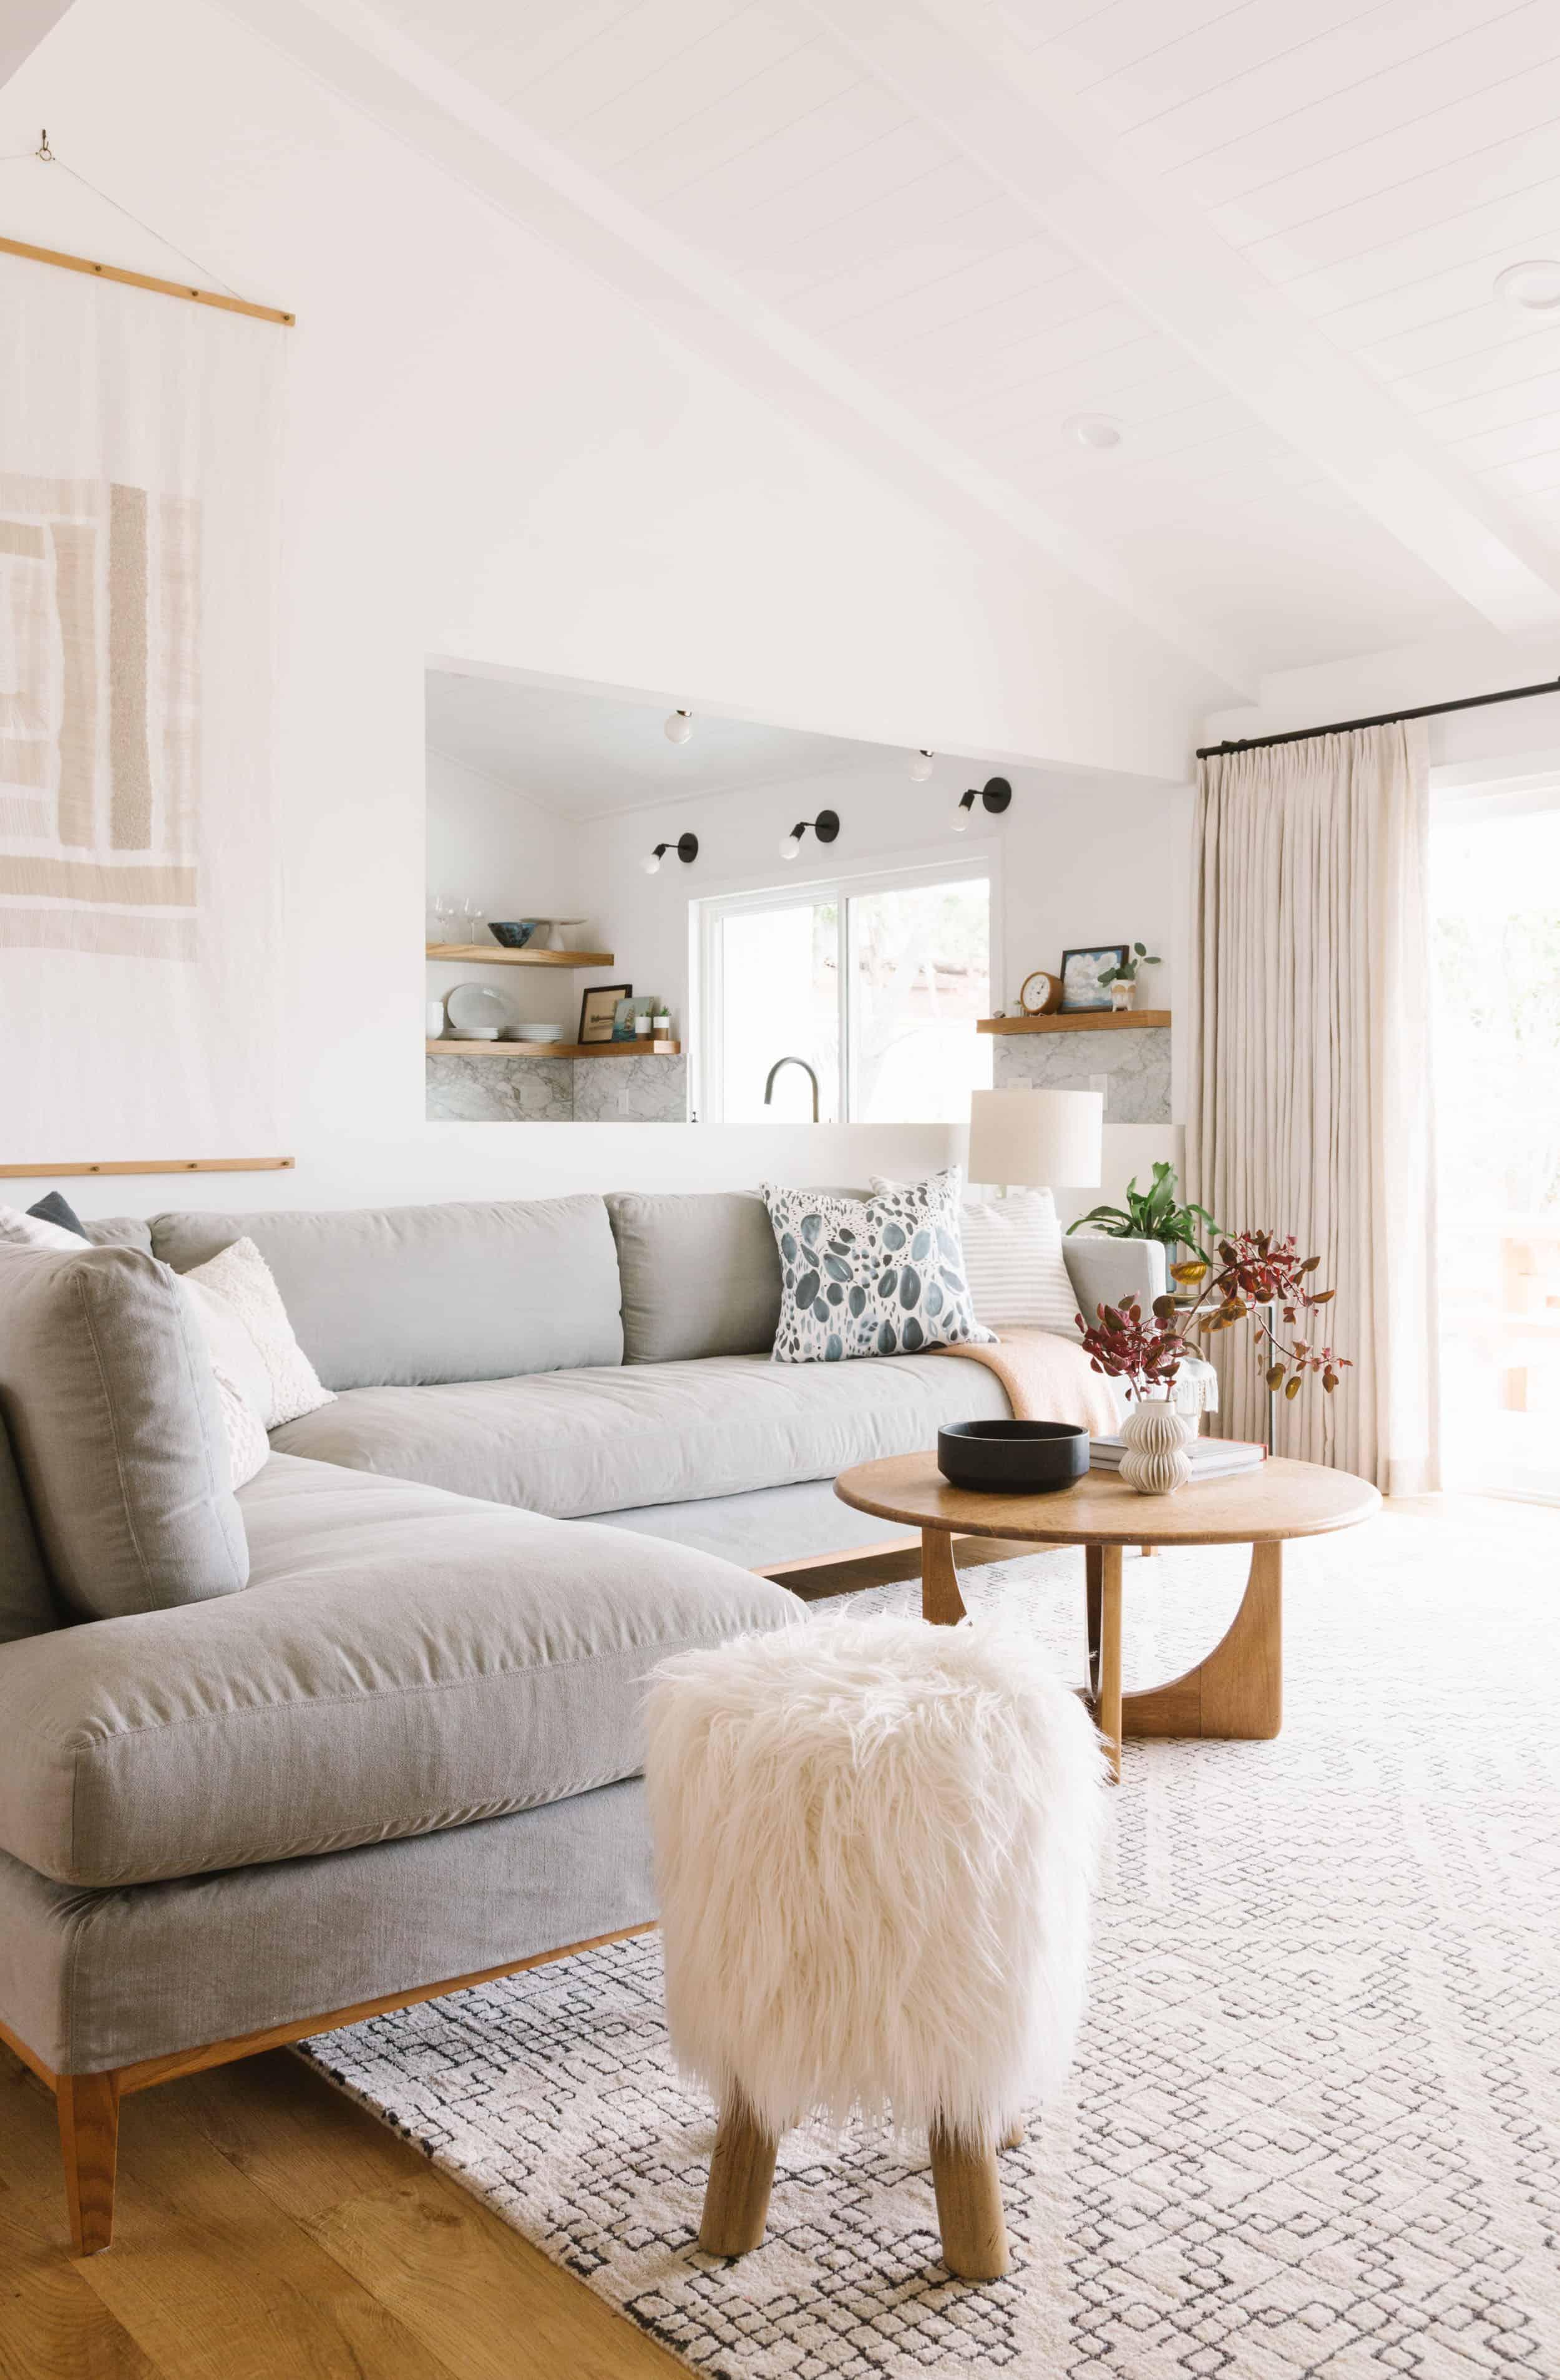 Samantha Gluck Emily Henderson Living Room Scandinavian Inspired